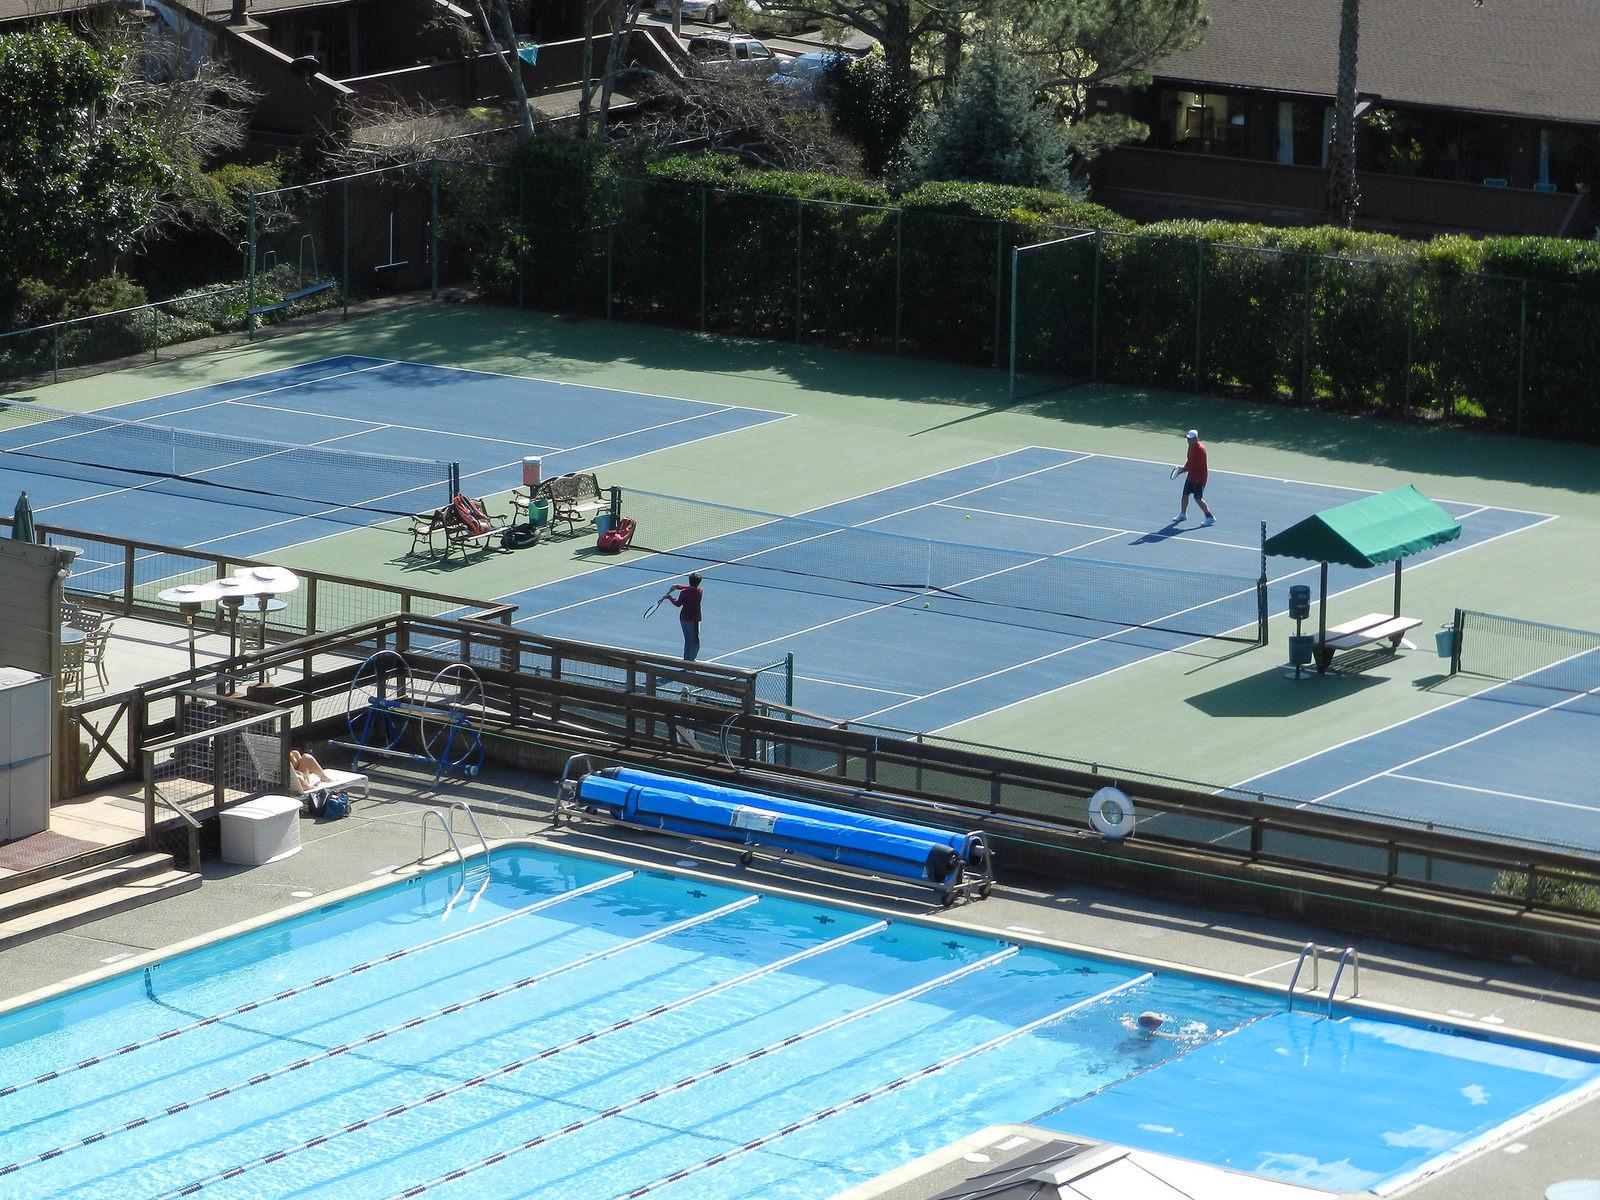 Tennis at the Canon Club in Fairfax